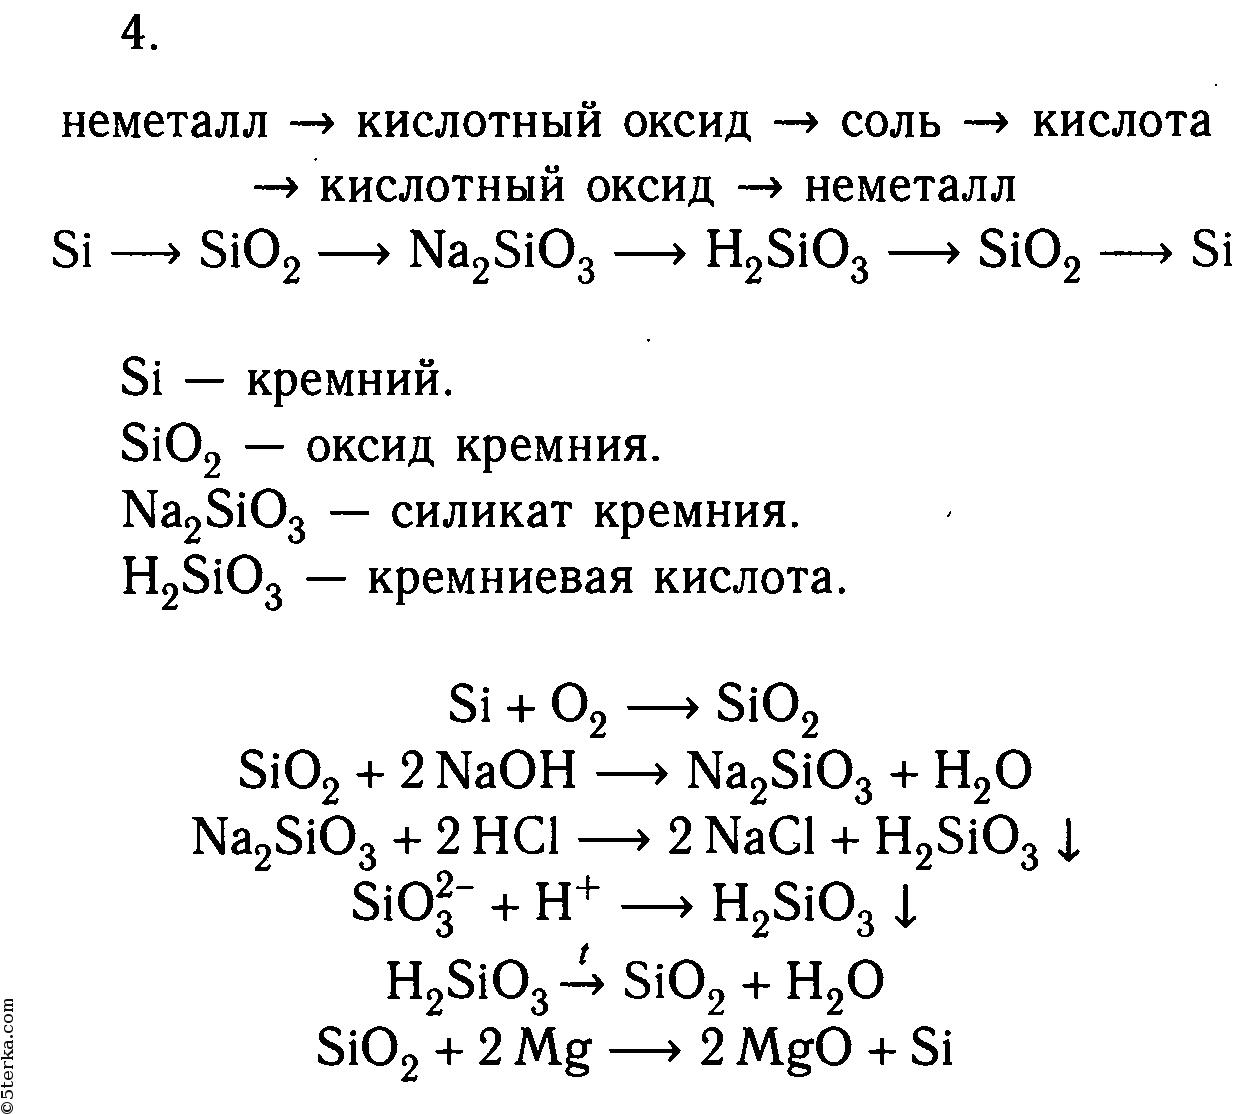 лабораторная работа по химии 8 класс знакомство с